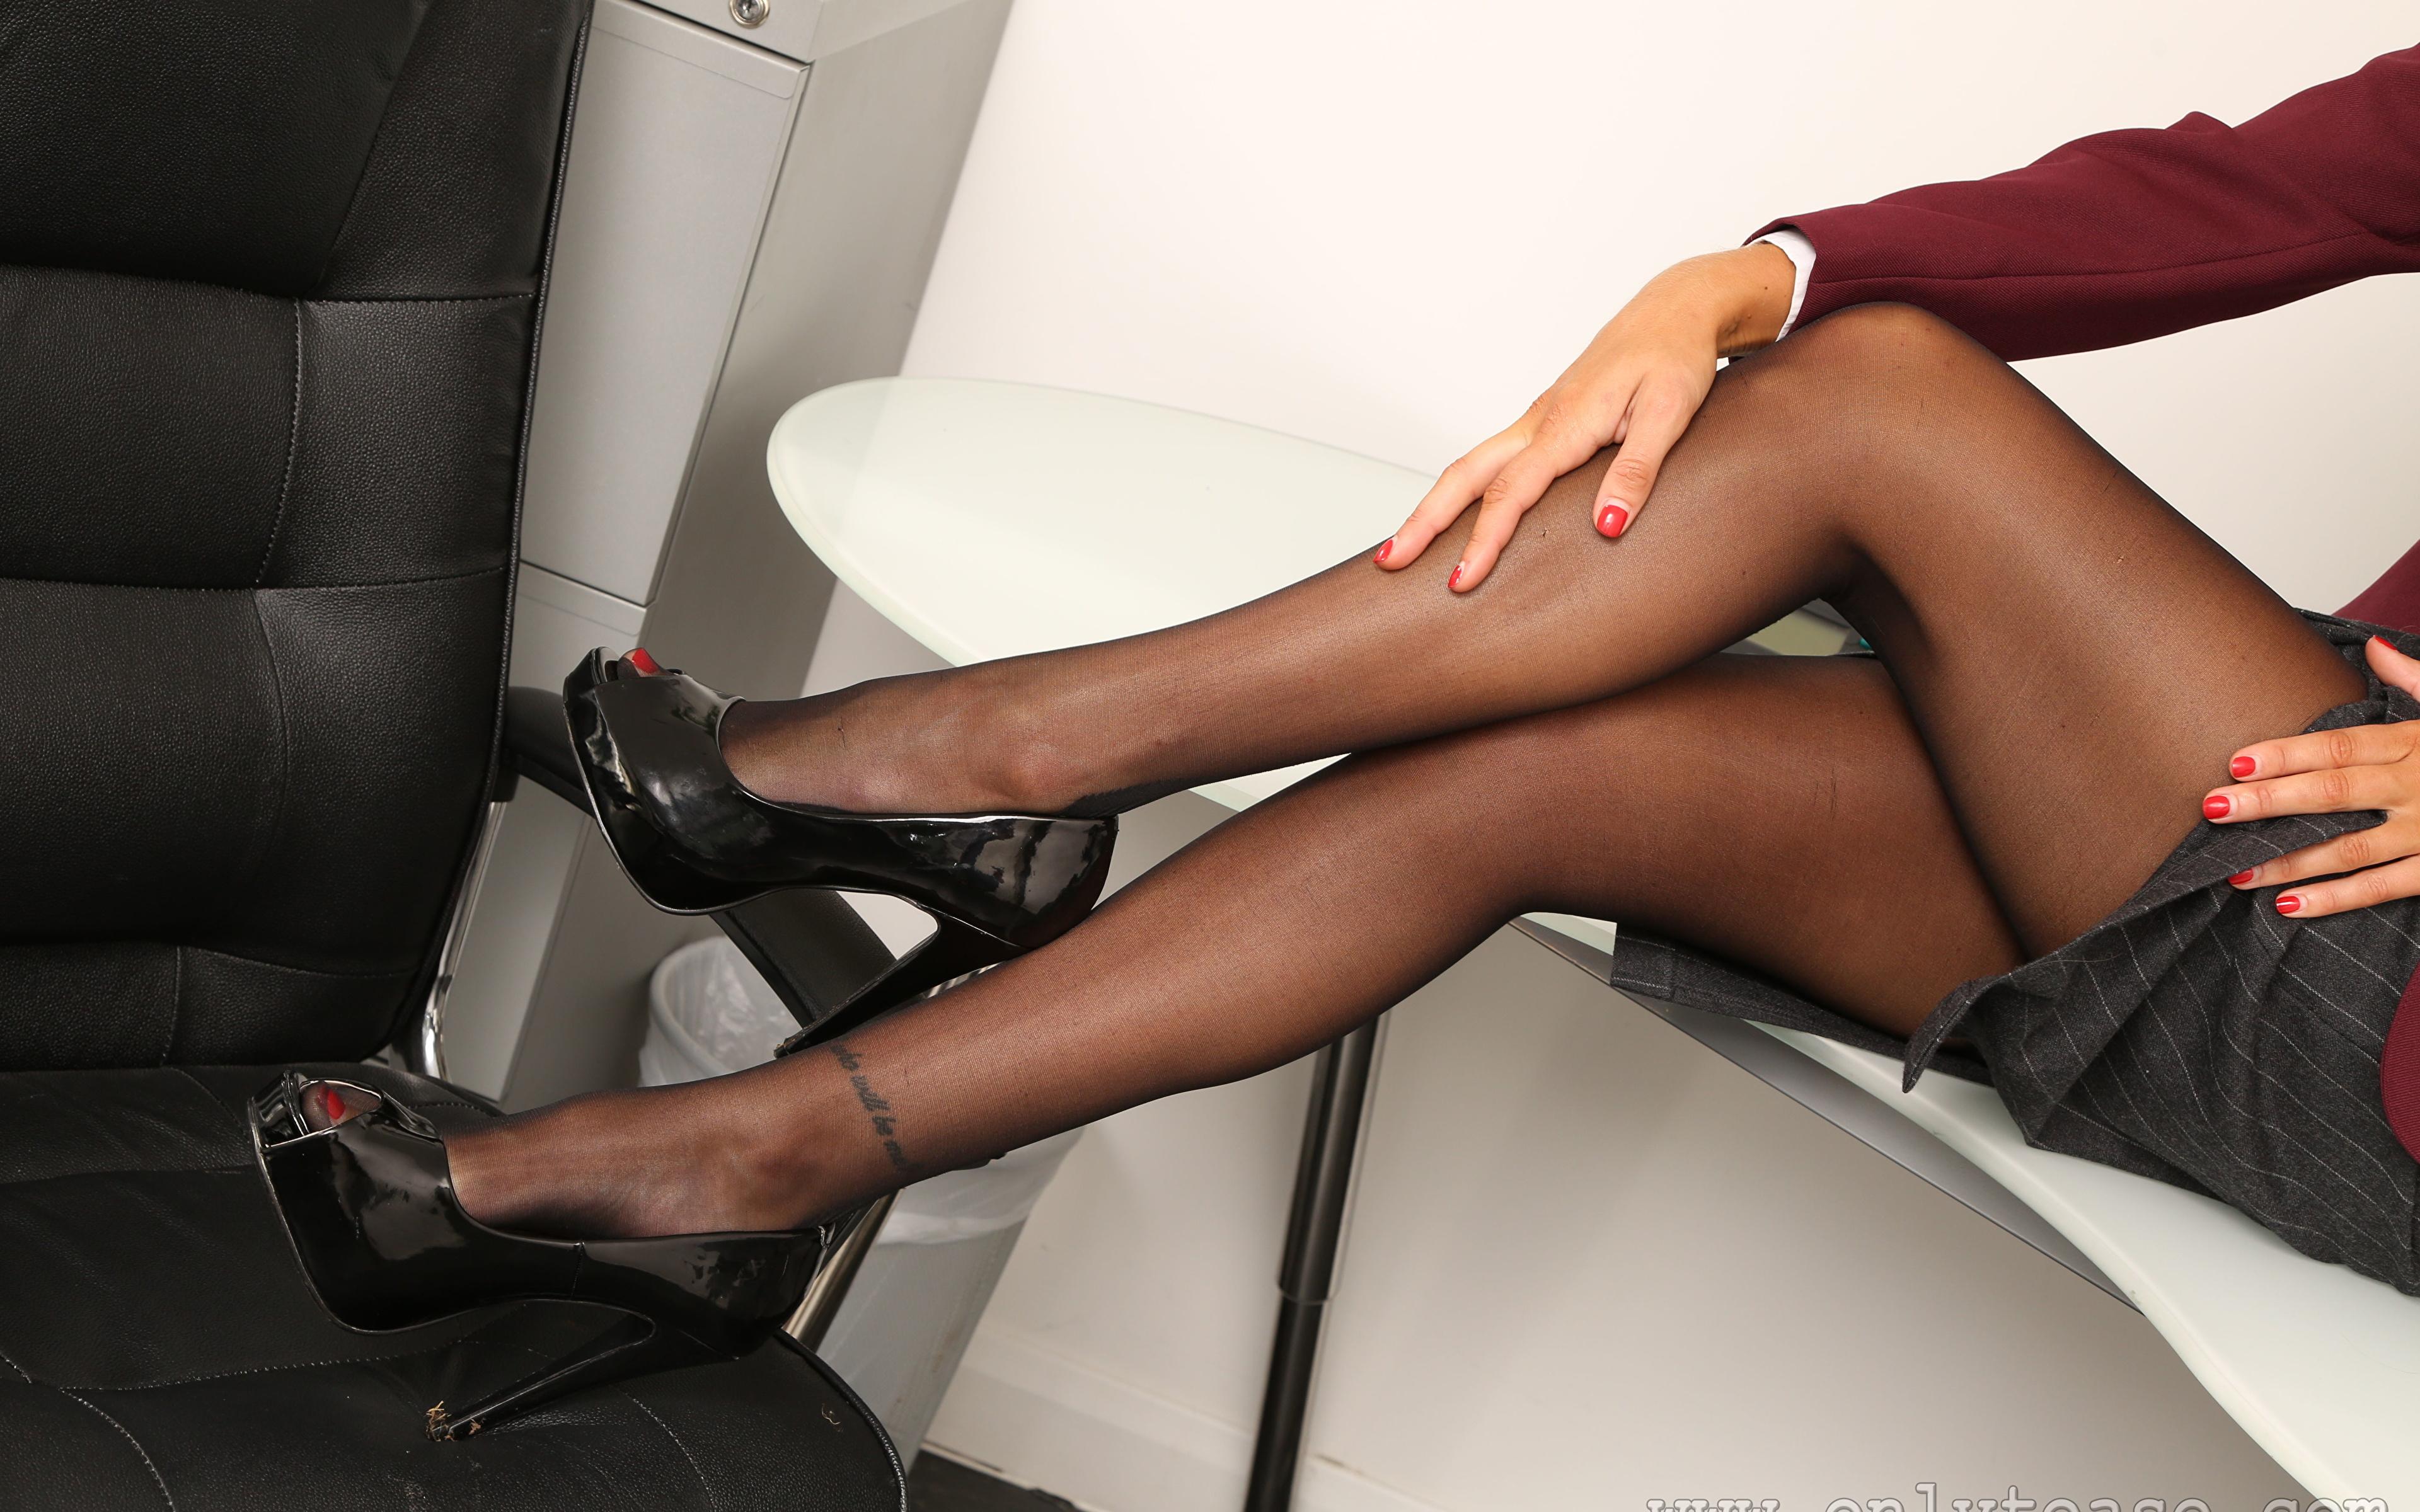 Картинки колготок молодая женщина Ноги Руки Крупным планом туфлях 3840x2400 Колготки колготках девушка Девушки молодые женщины ног рука вблизи Туфли туфель